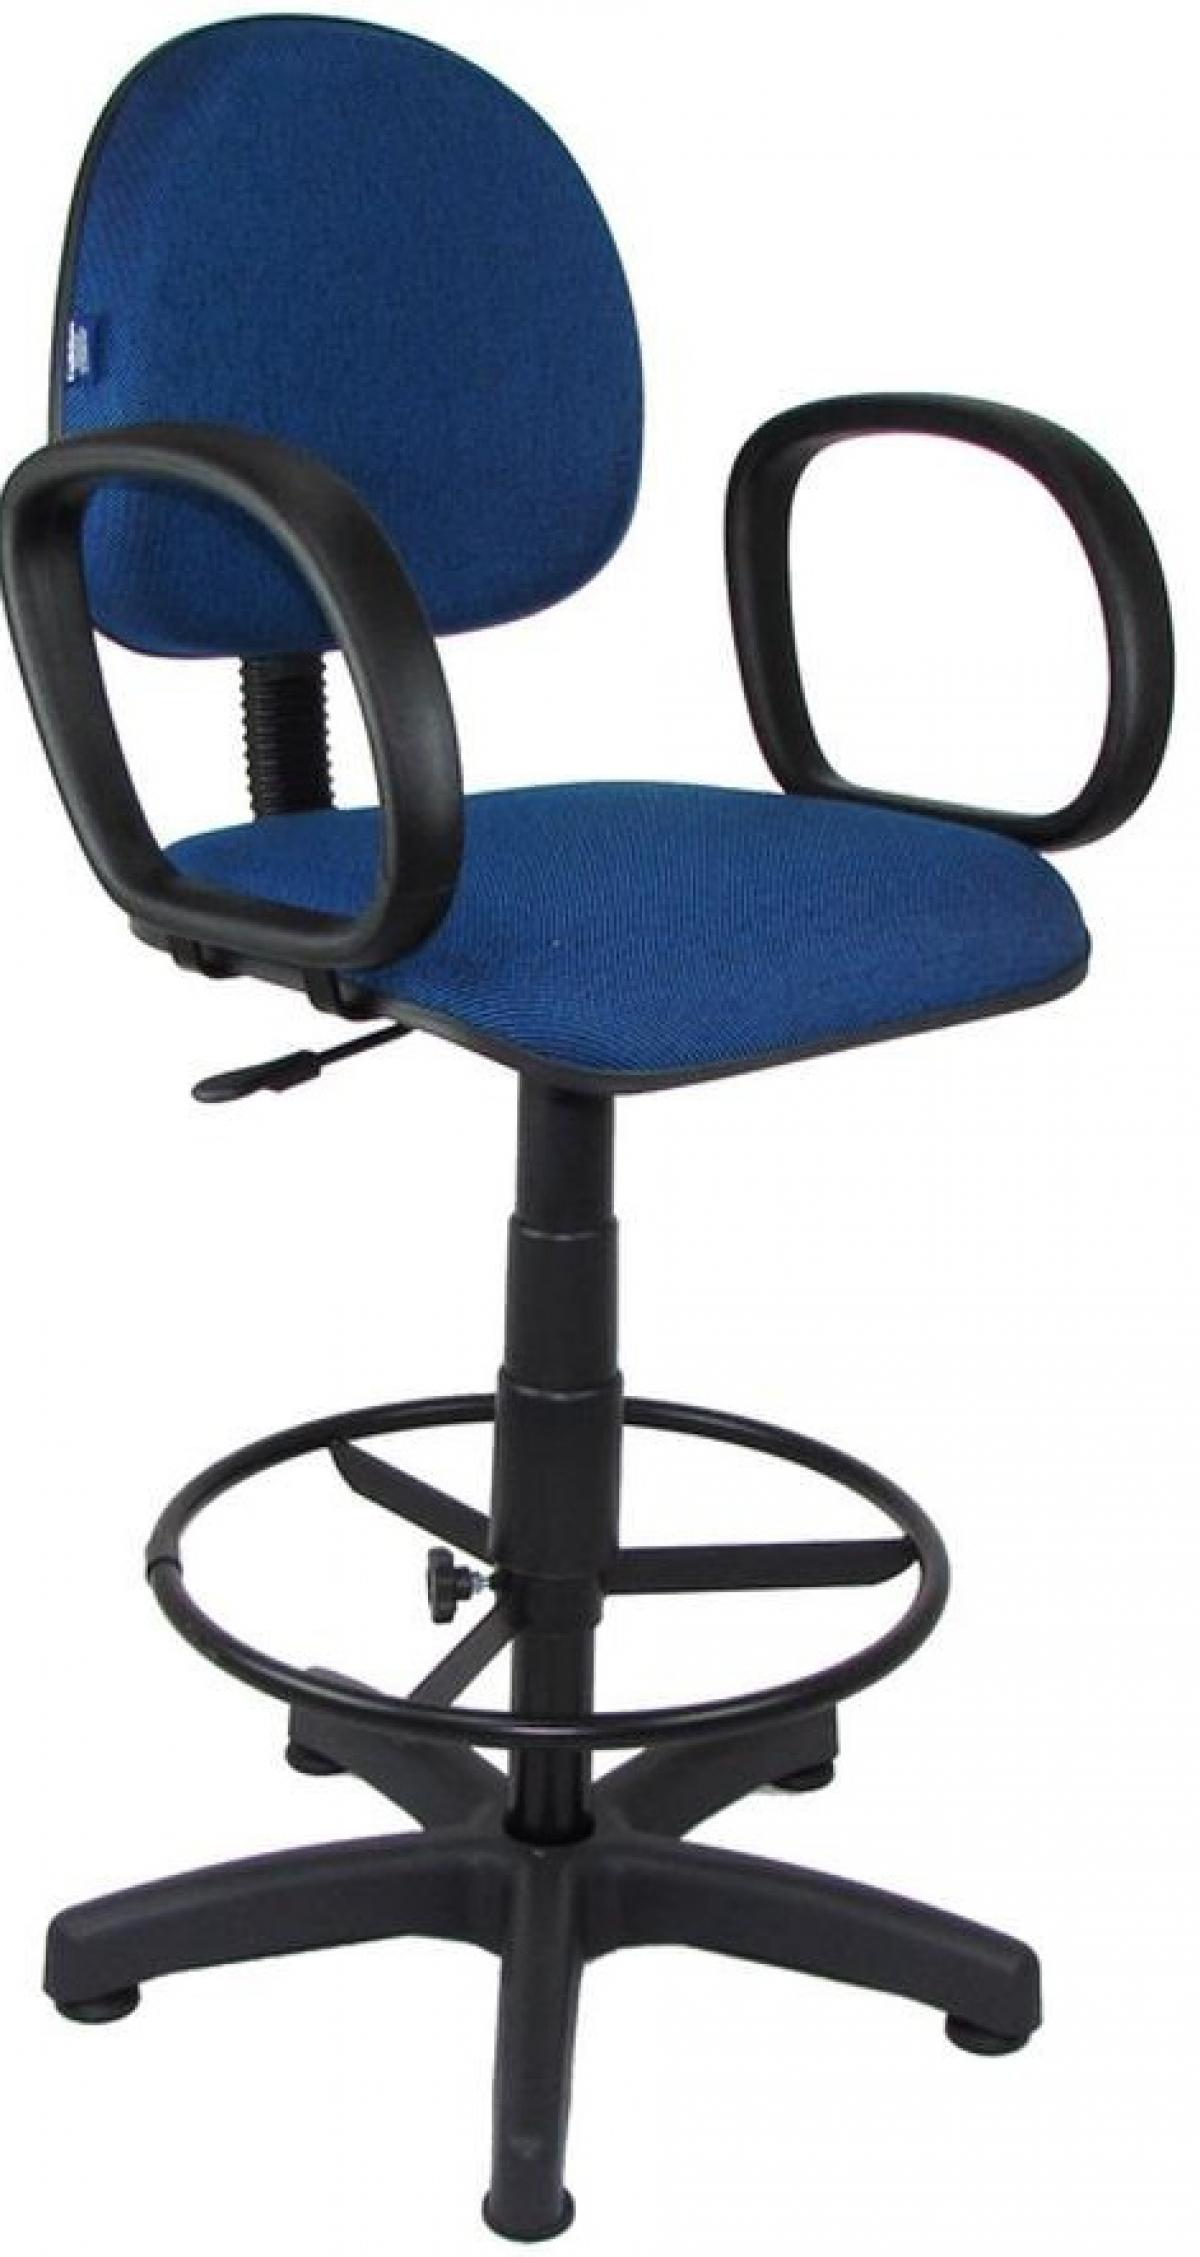 CAD - 59 Cadeira Caixa Para Escritório Estofada Executiva Com Lamina e Braço Varias Cores